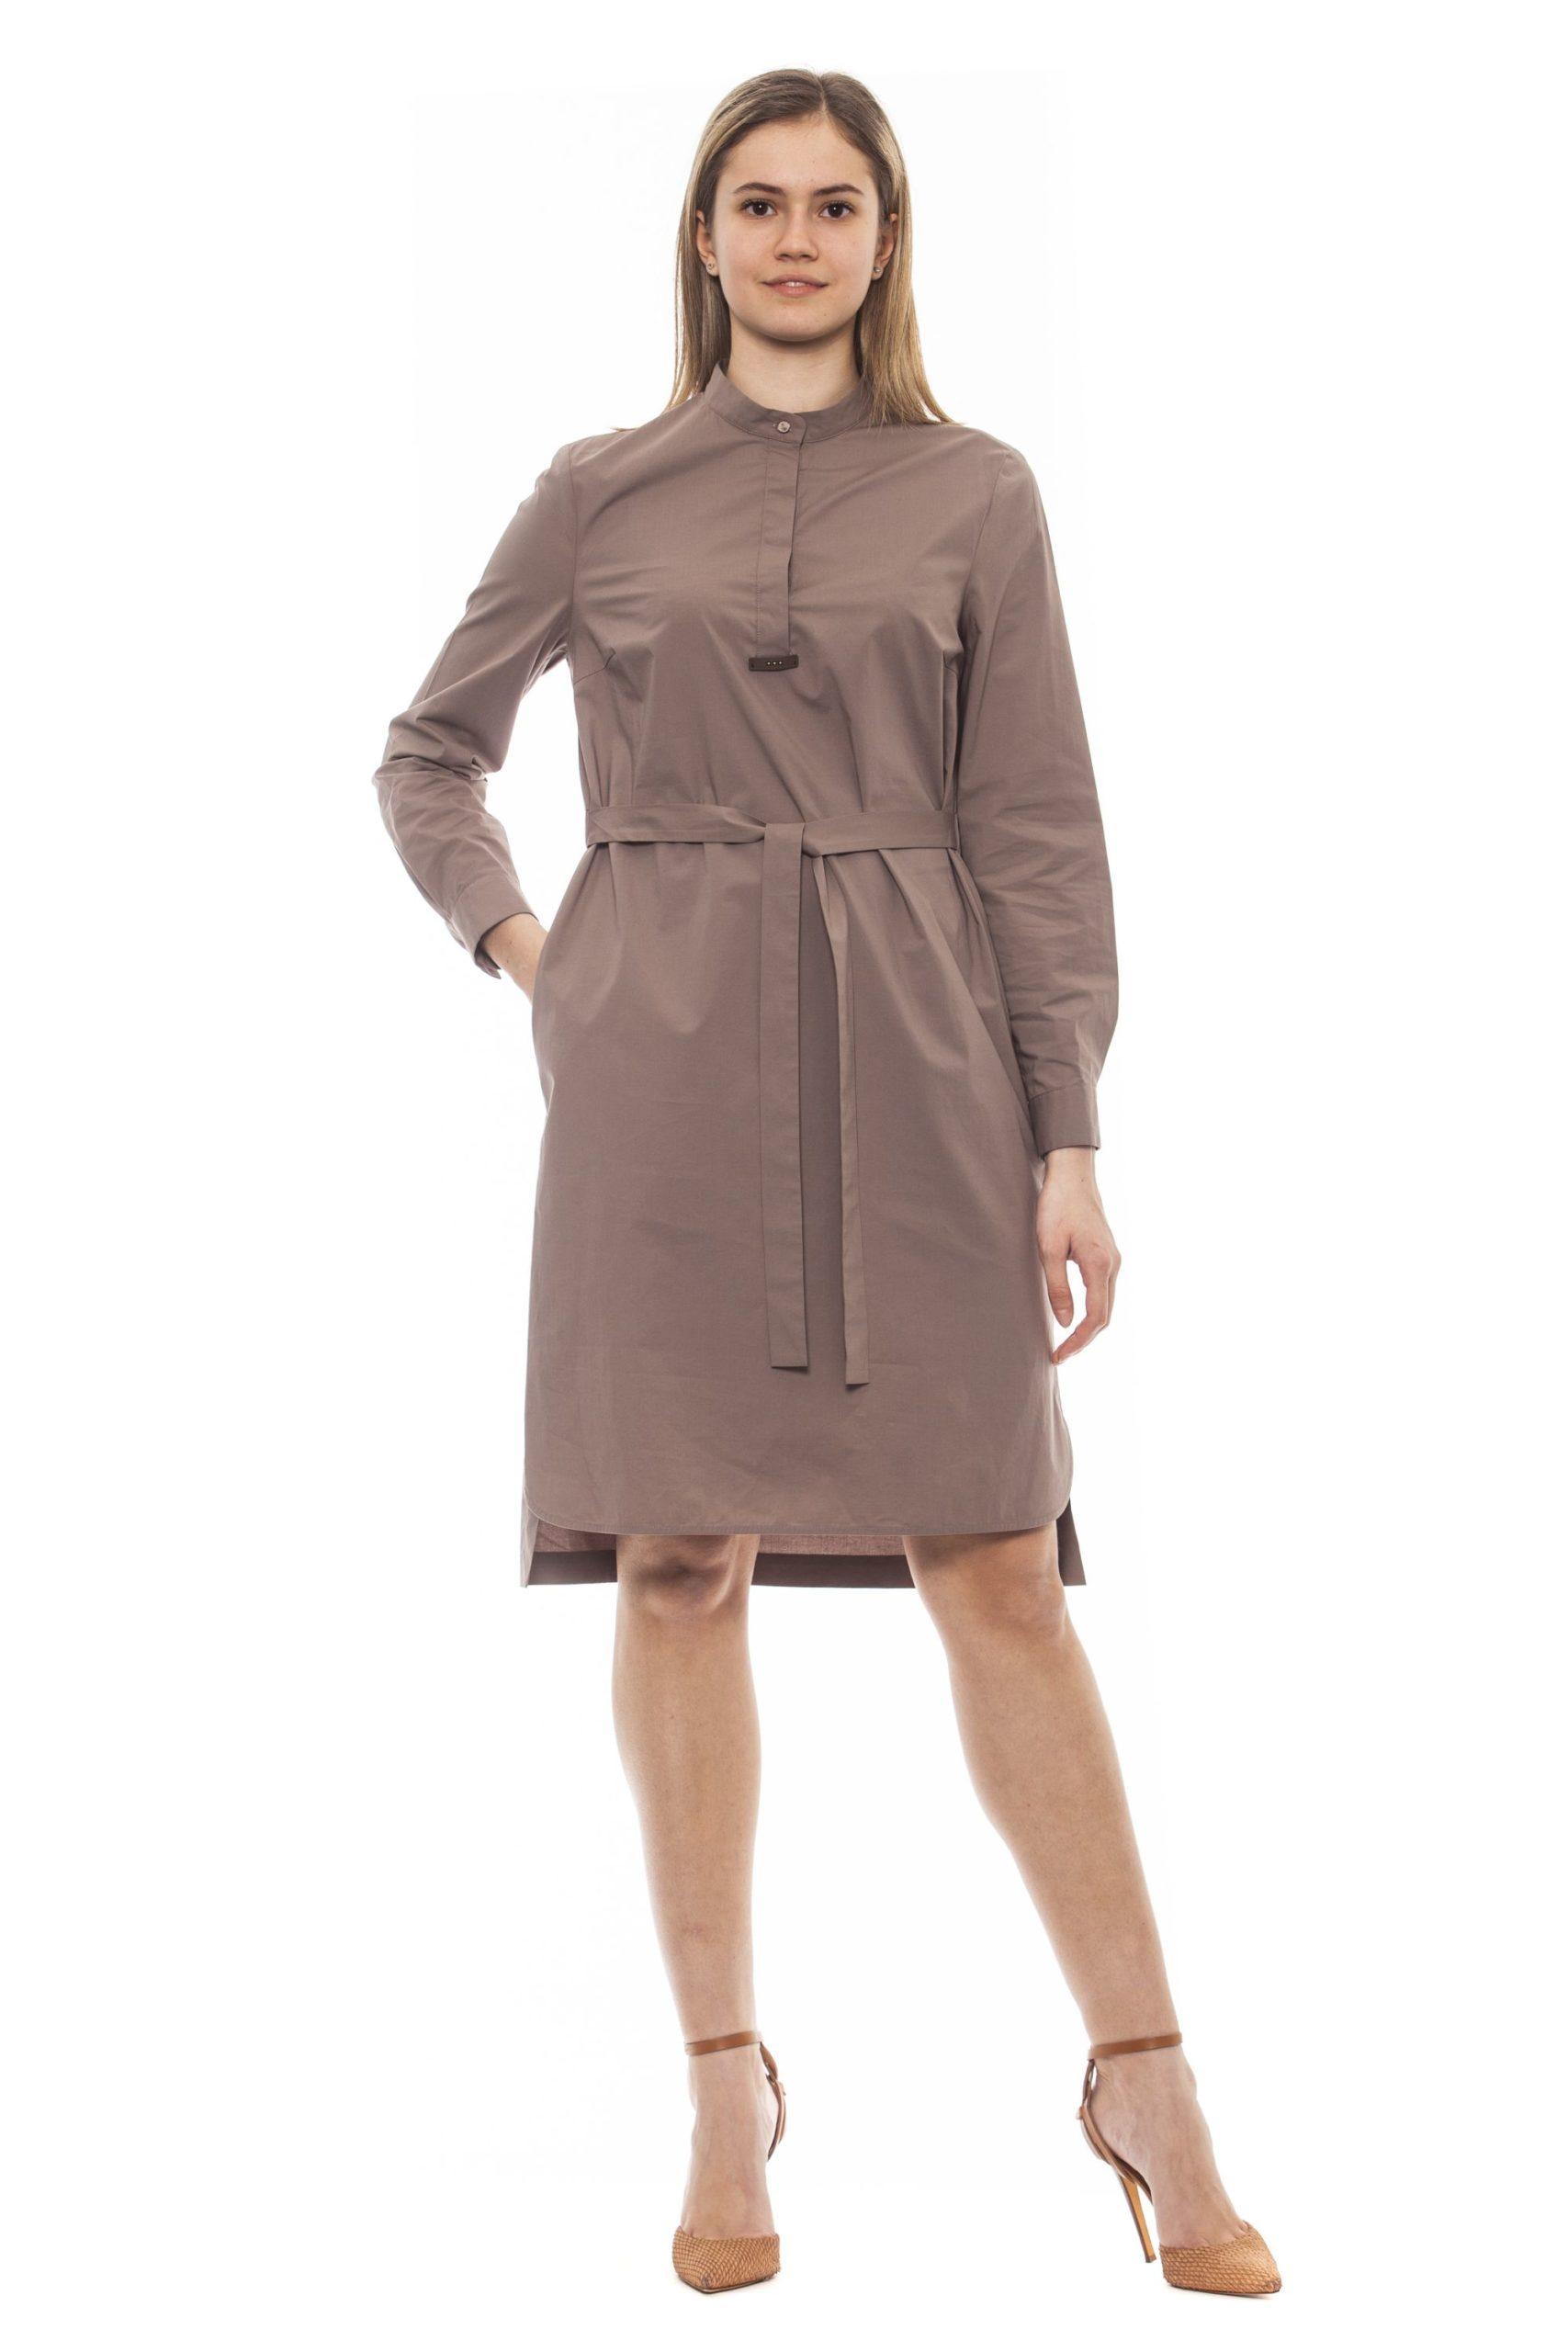 Peserico Women's Dress Beige PE1381607 - IT42 | S